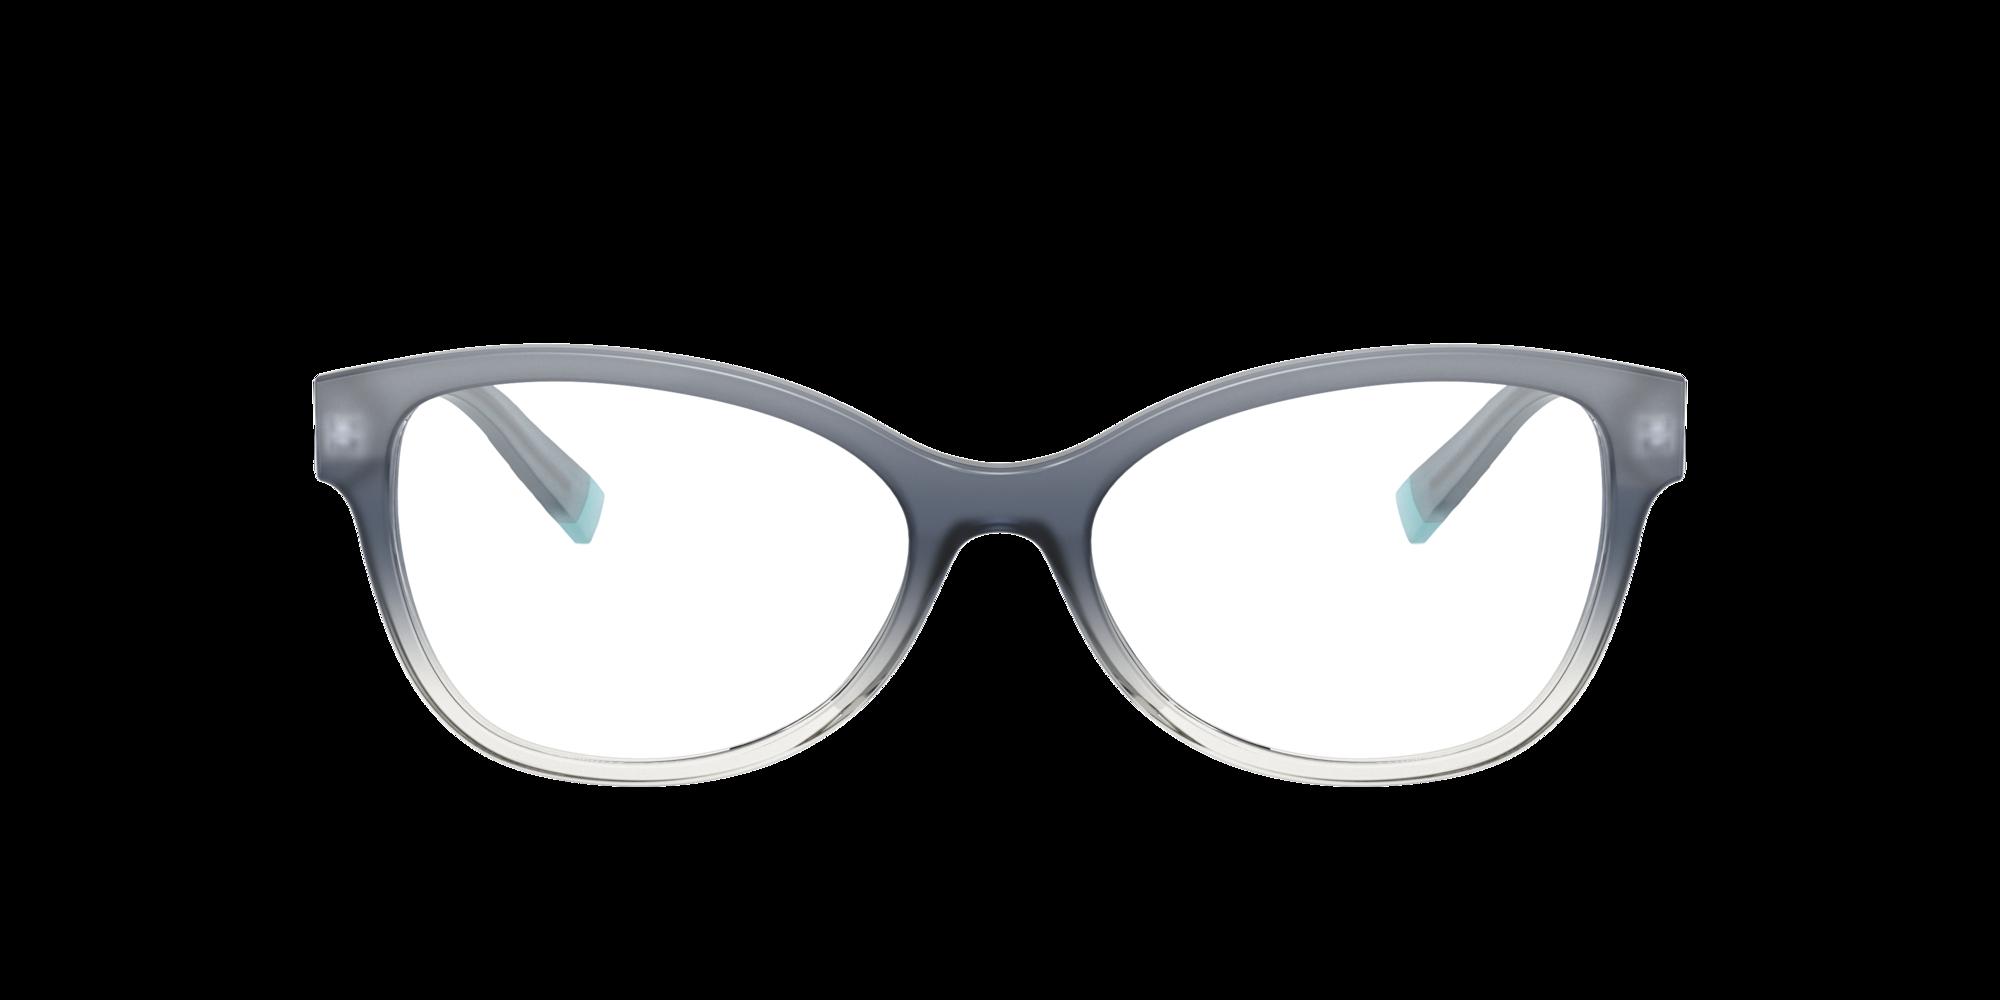 Imagen para TF2190 de LensCrafters |  Espejuelos, espejuelos graduados en línea, gafas